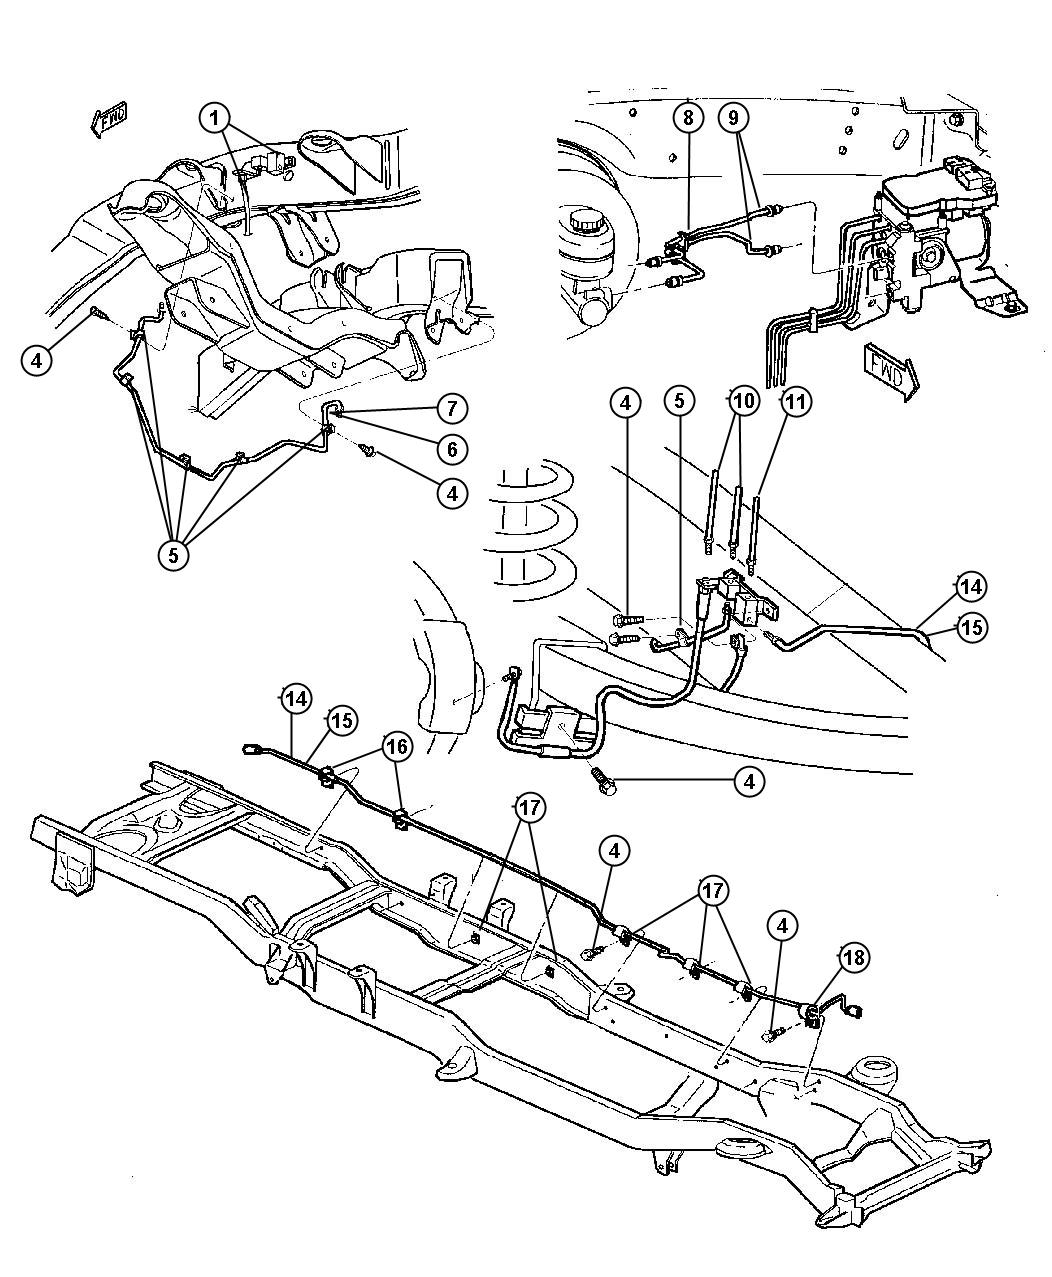 1998 Chrysler Sebring Tube. Brake. Primary, rear